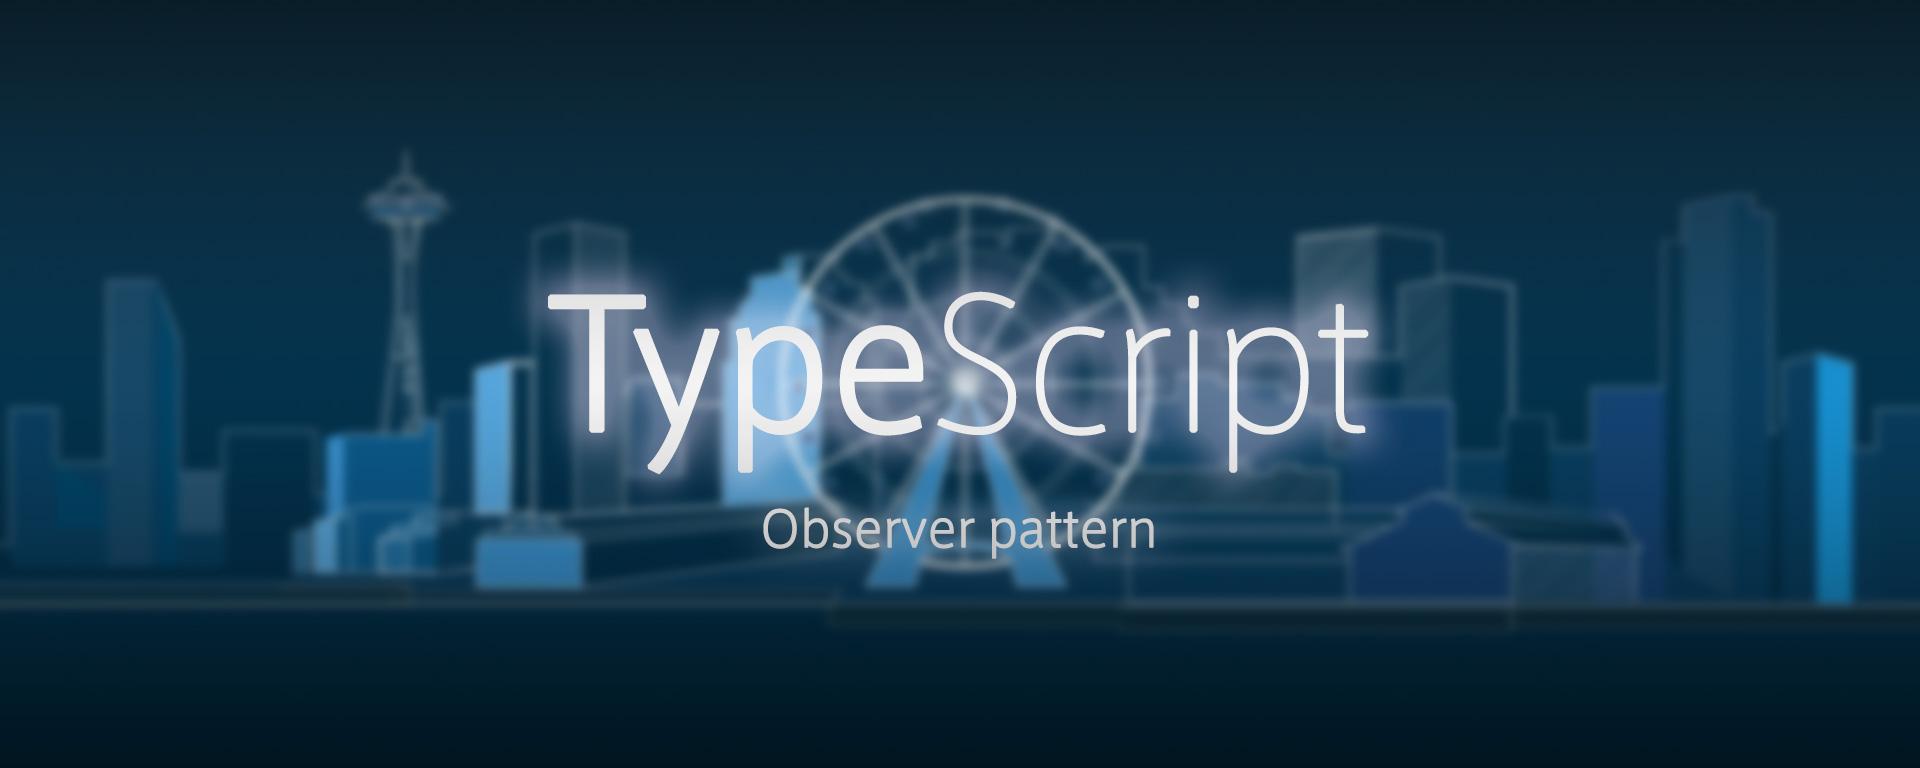 TypeScript で学ぶ Observer パターン